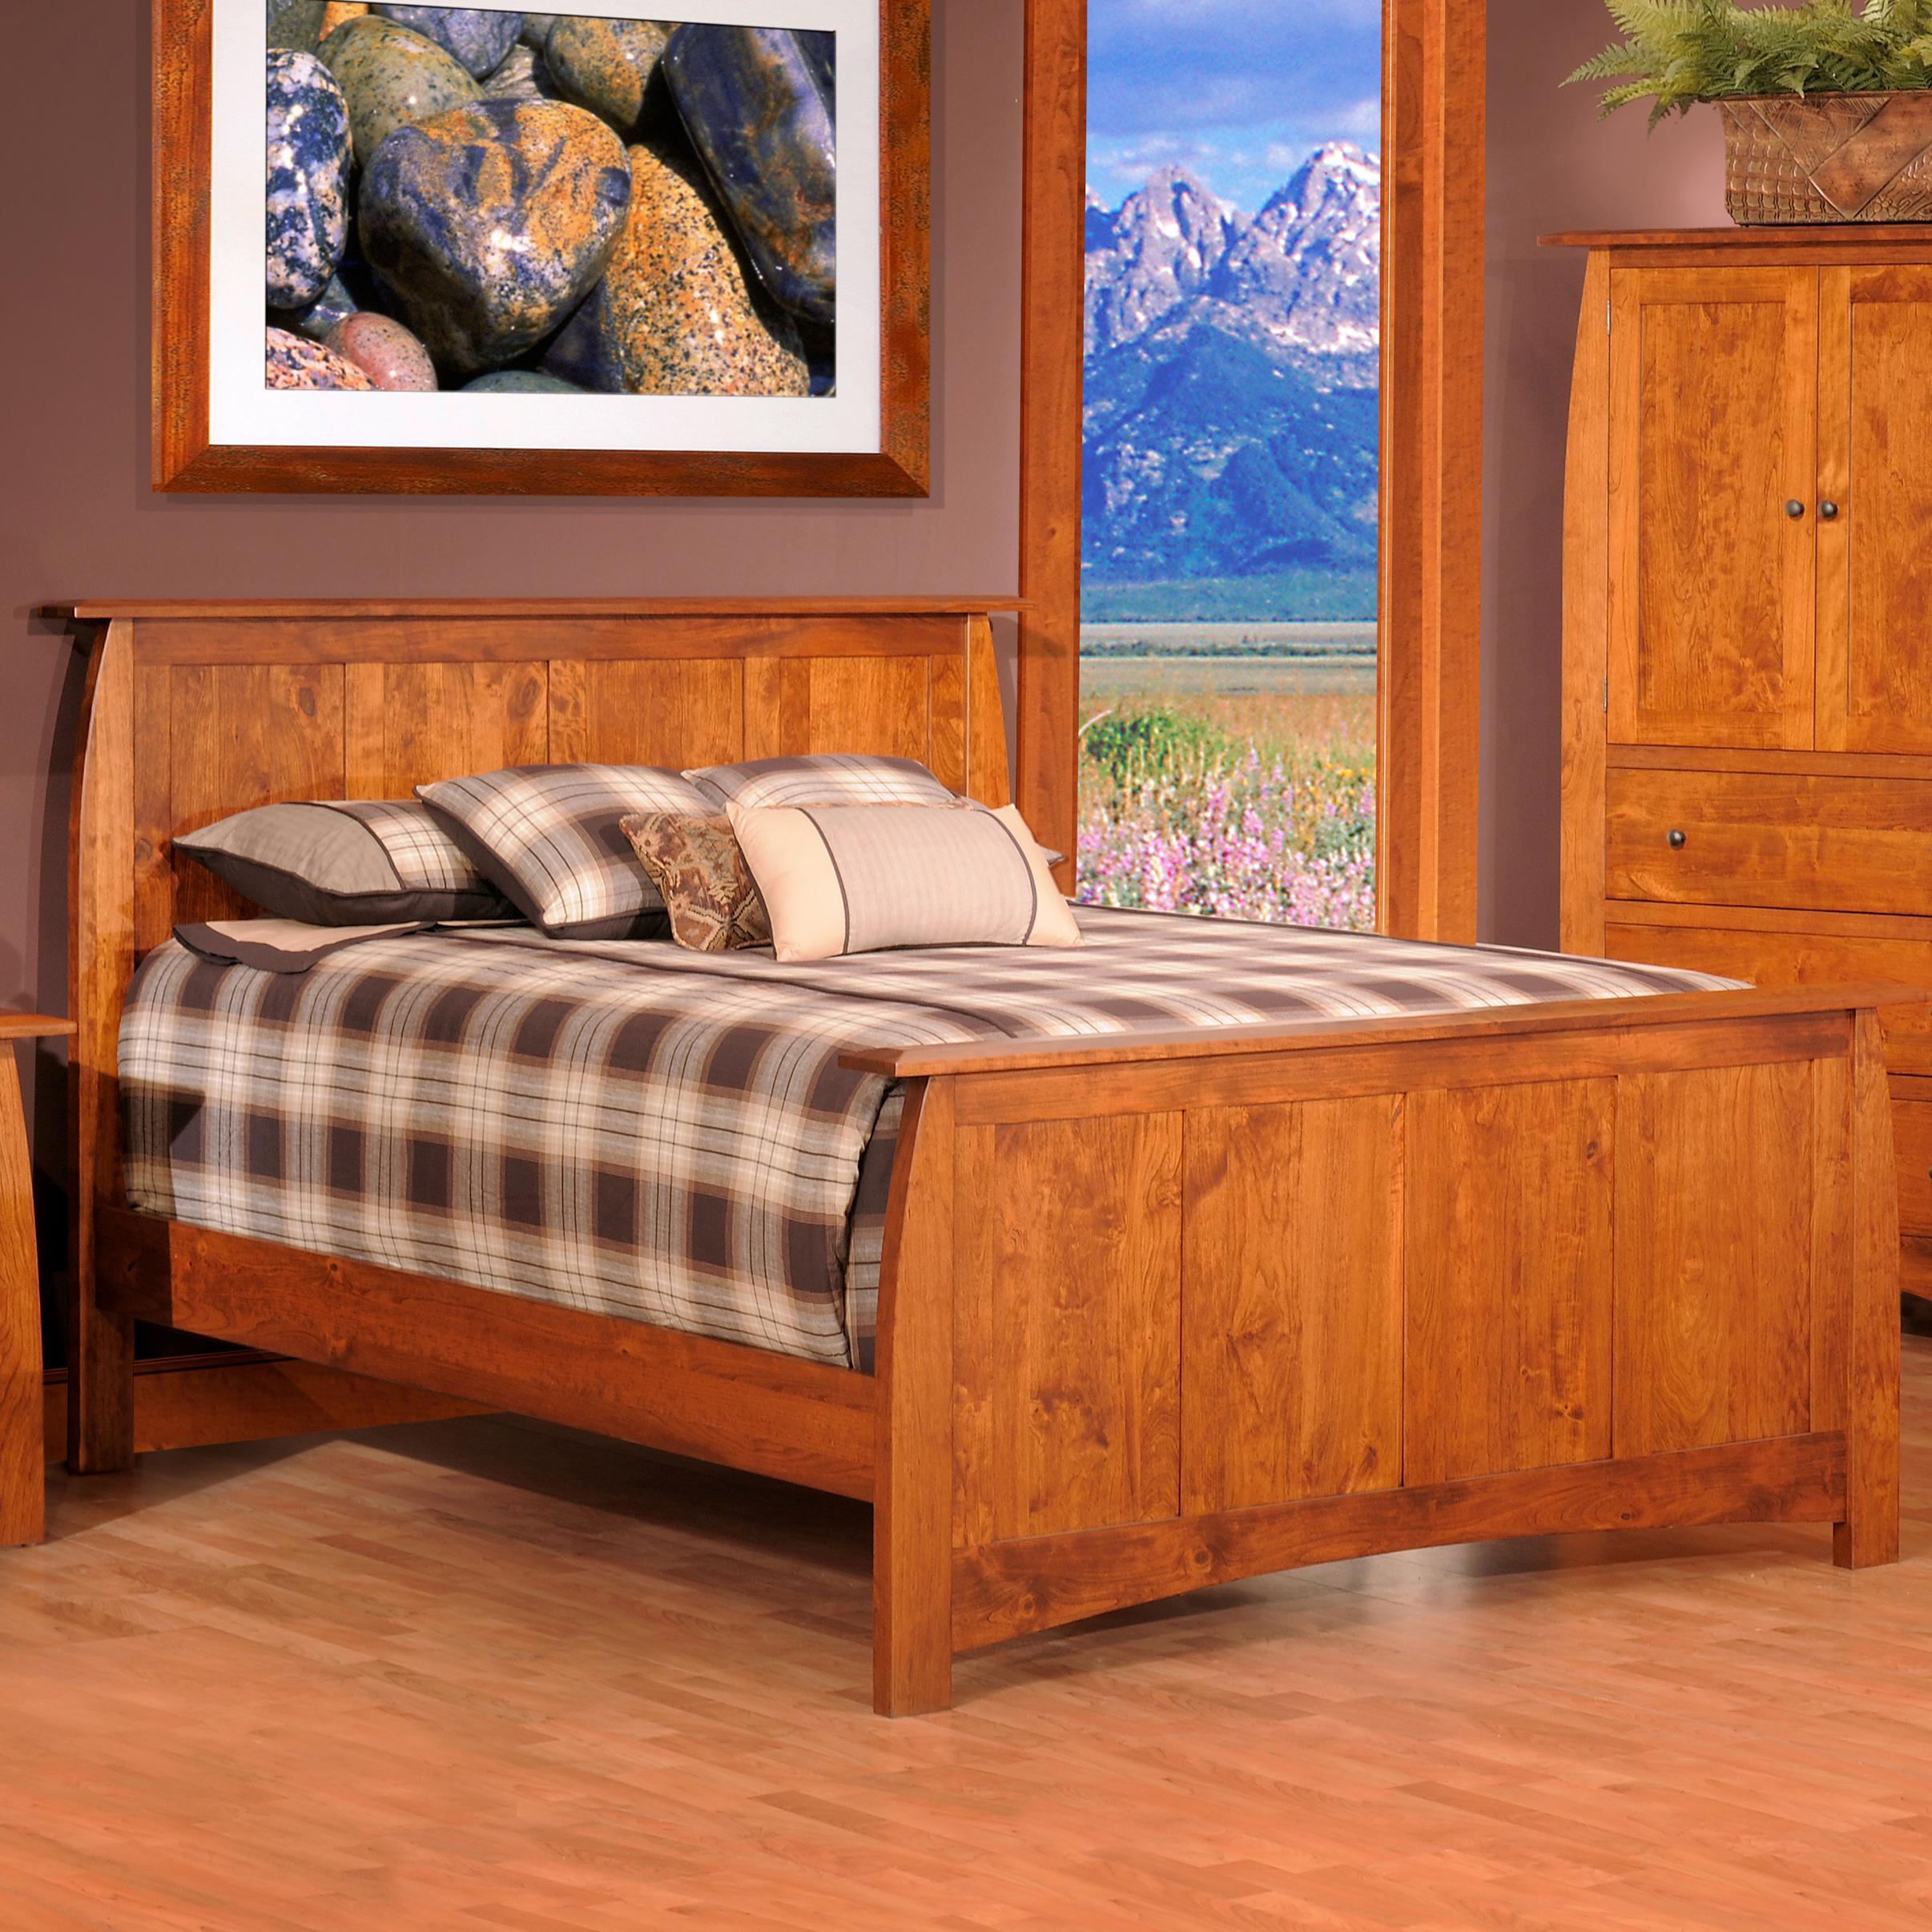 Millcraft Bordeaux King Panel Bed - Item Number: BOB557KG